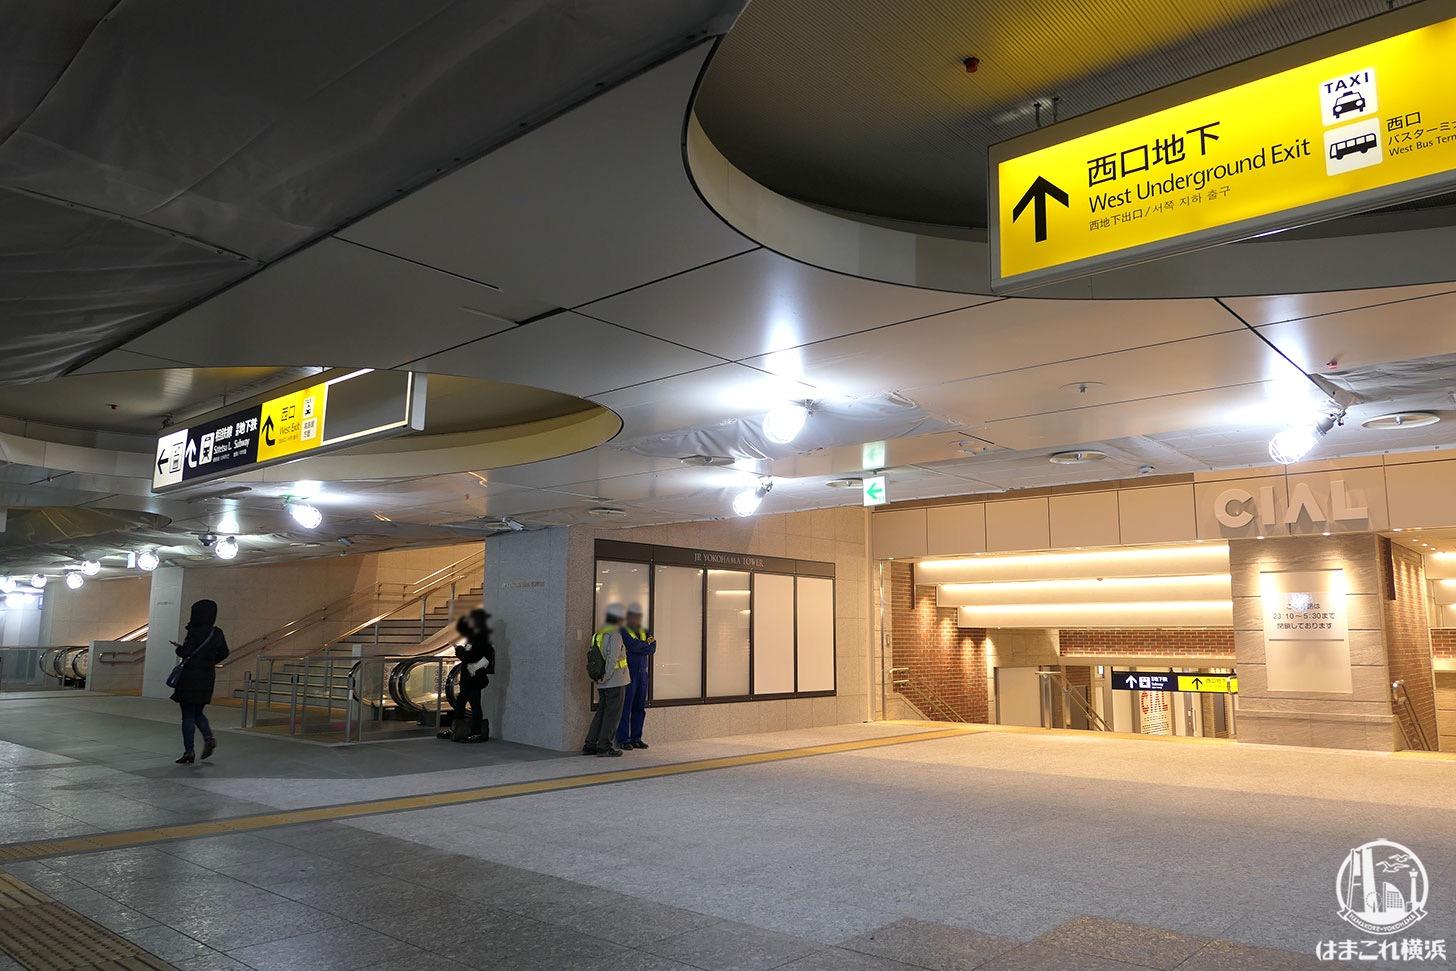 新地下連絡通路と先に開放された階段との位置関係